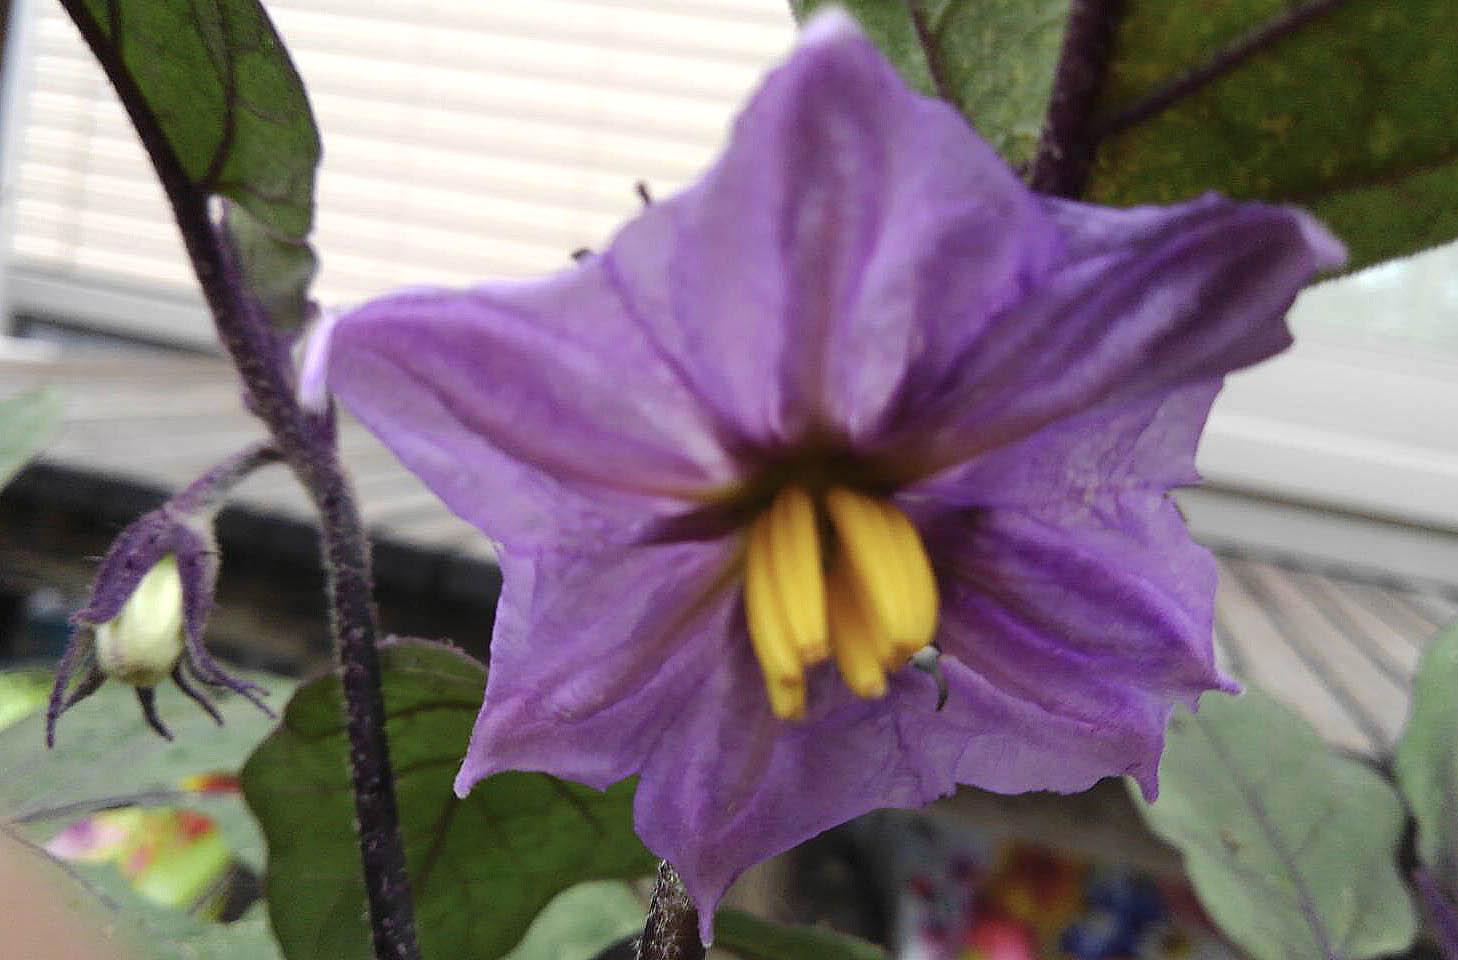 四つの花の名前を正解した、ら素敵な豆本をさしあげます。 3番目の花